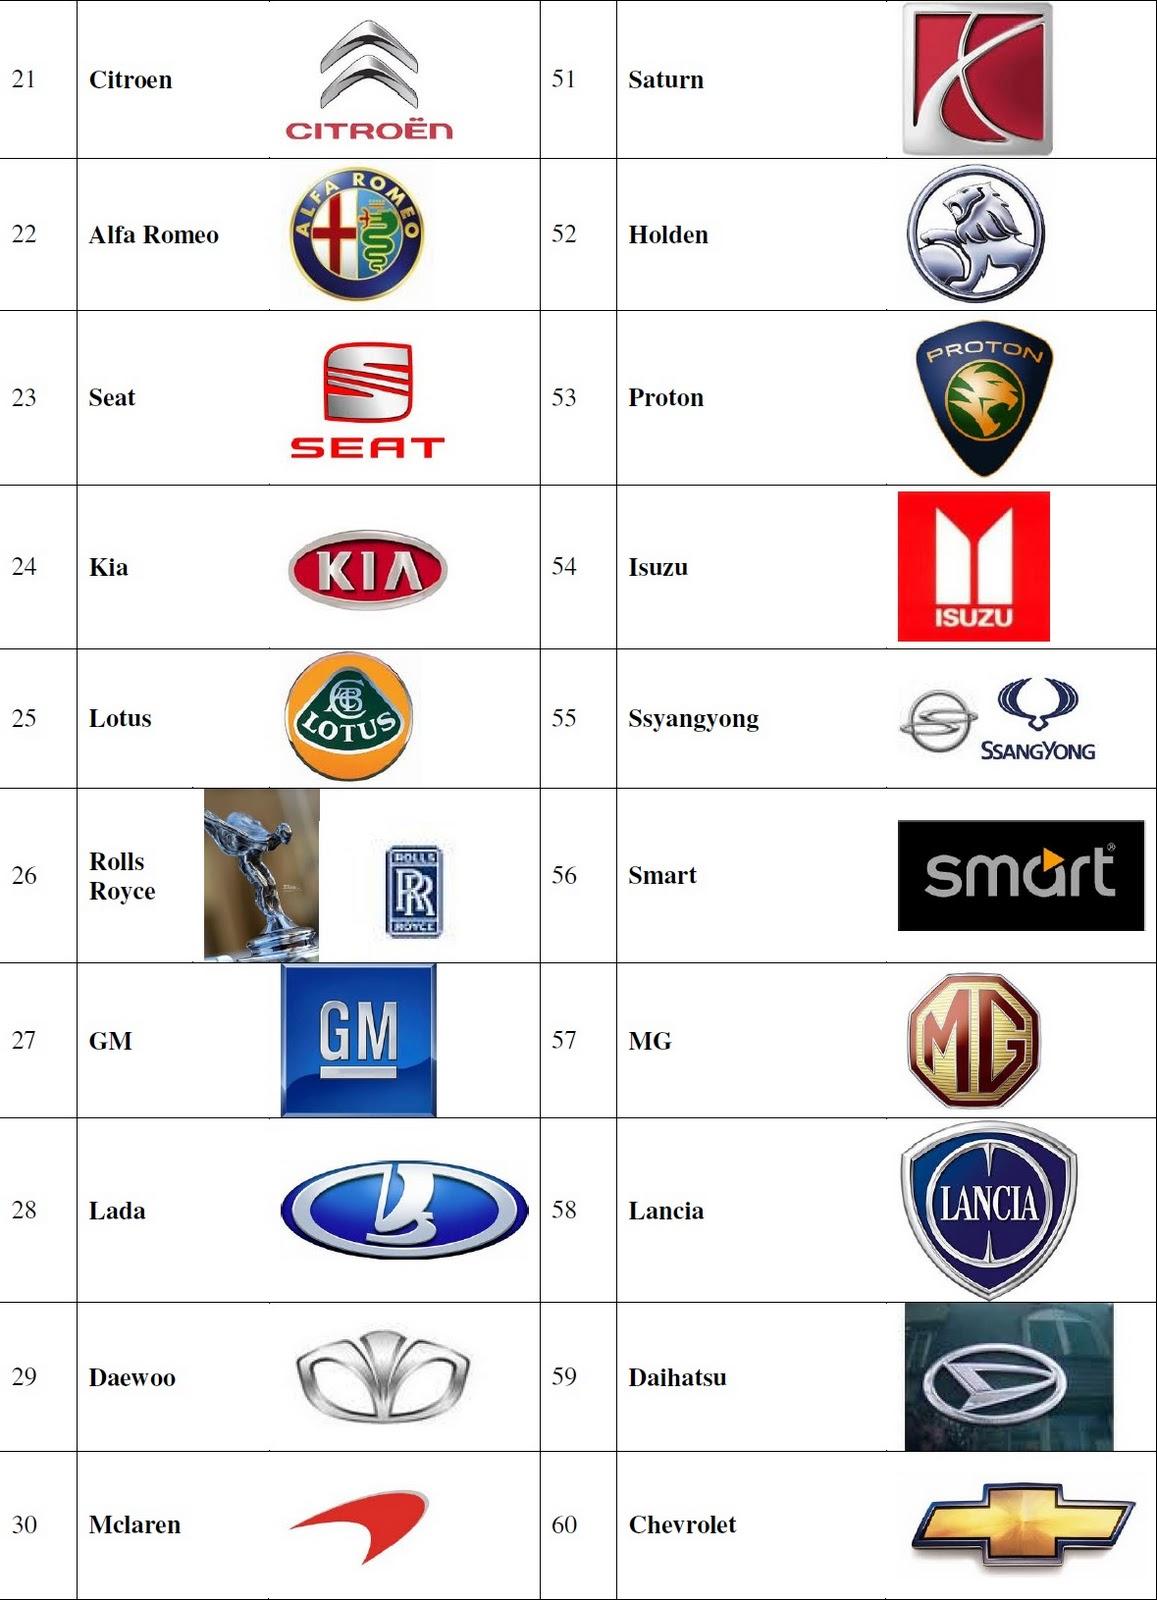 12 Automotive Business Icons Images - Car Auto Repair ...